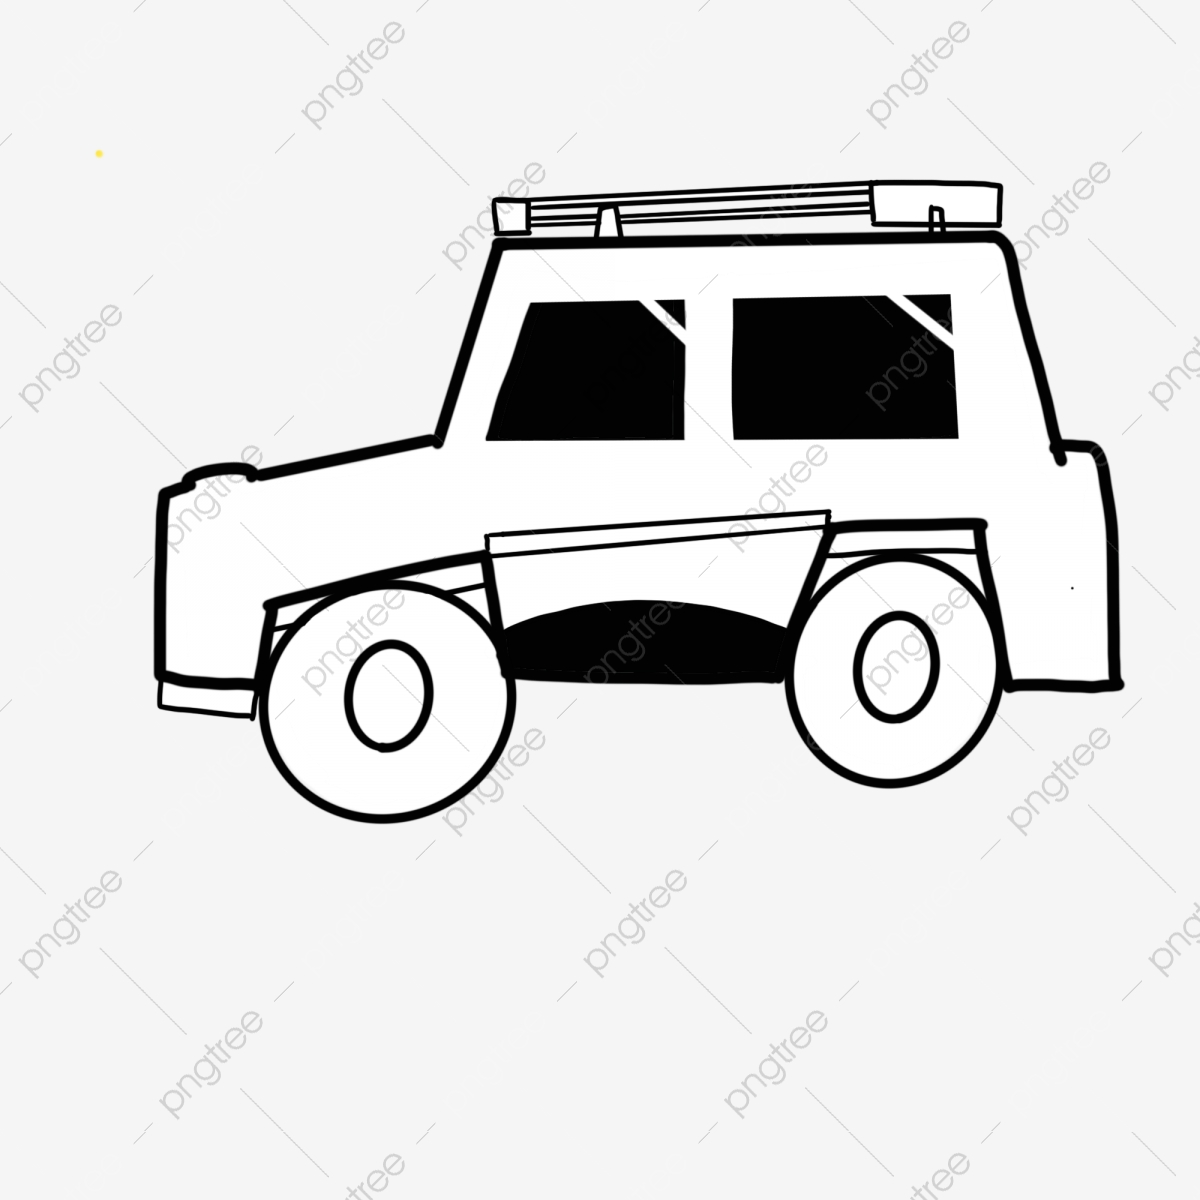 Gambar Memandu Jip Kartun Hitam Dan Putih Hitam Dan Putih Kartun Jeep Png Dan Psd Untuk Muat Turun Percuma